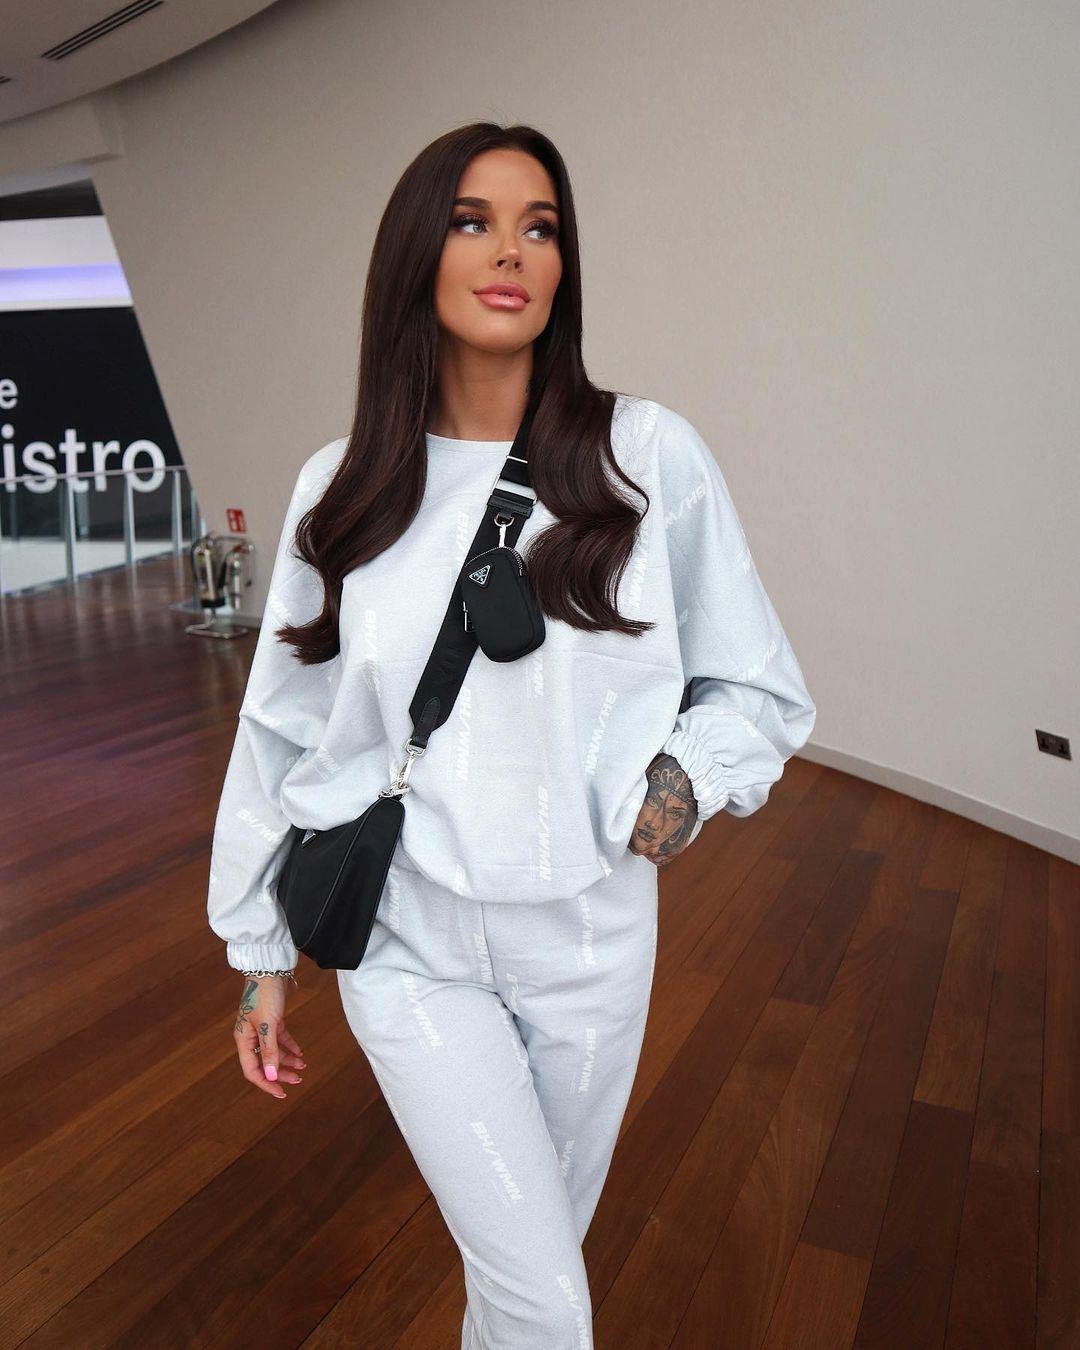 Lauren-Houldsworth-Wallpapers-Insta-Fit-Bio-2